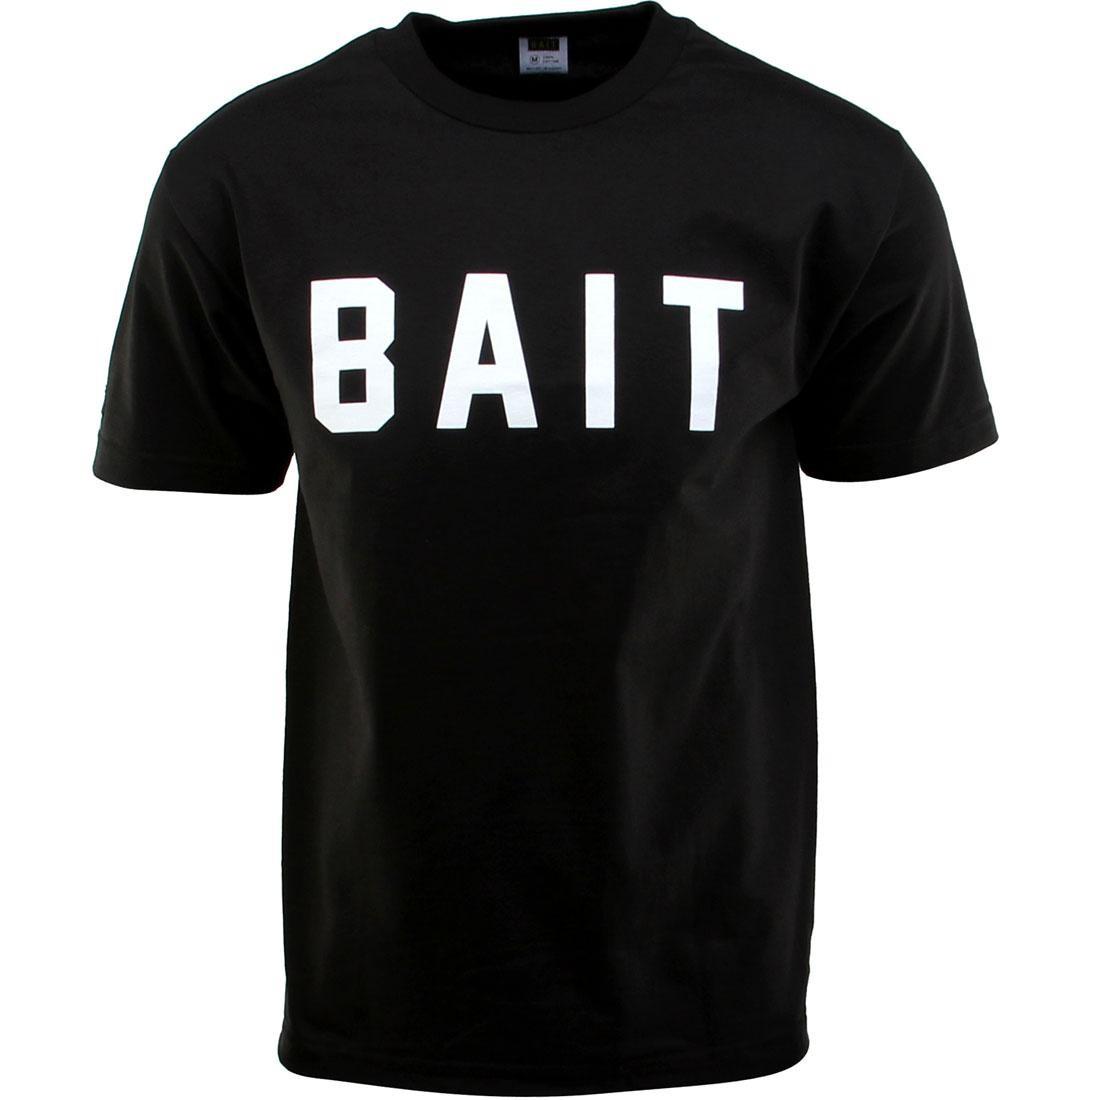 ベイト BAIT ロゴ Tシャツ 黒 ブラック 白 ホワイト 【 BLACK WHITE BAIT LOGO TEE 】 メンズファッション トップス Tシャツ カットソー